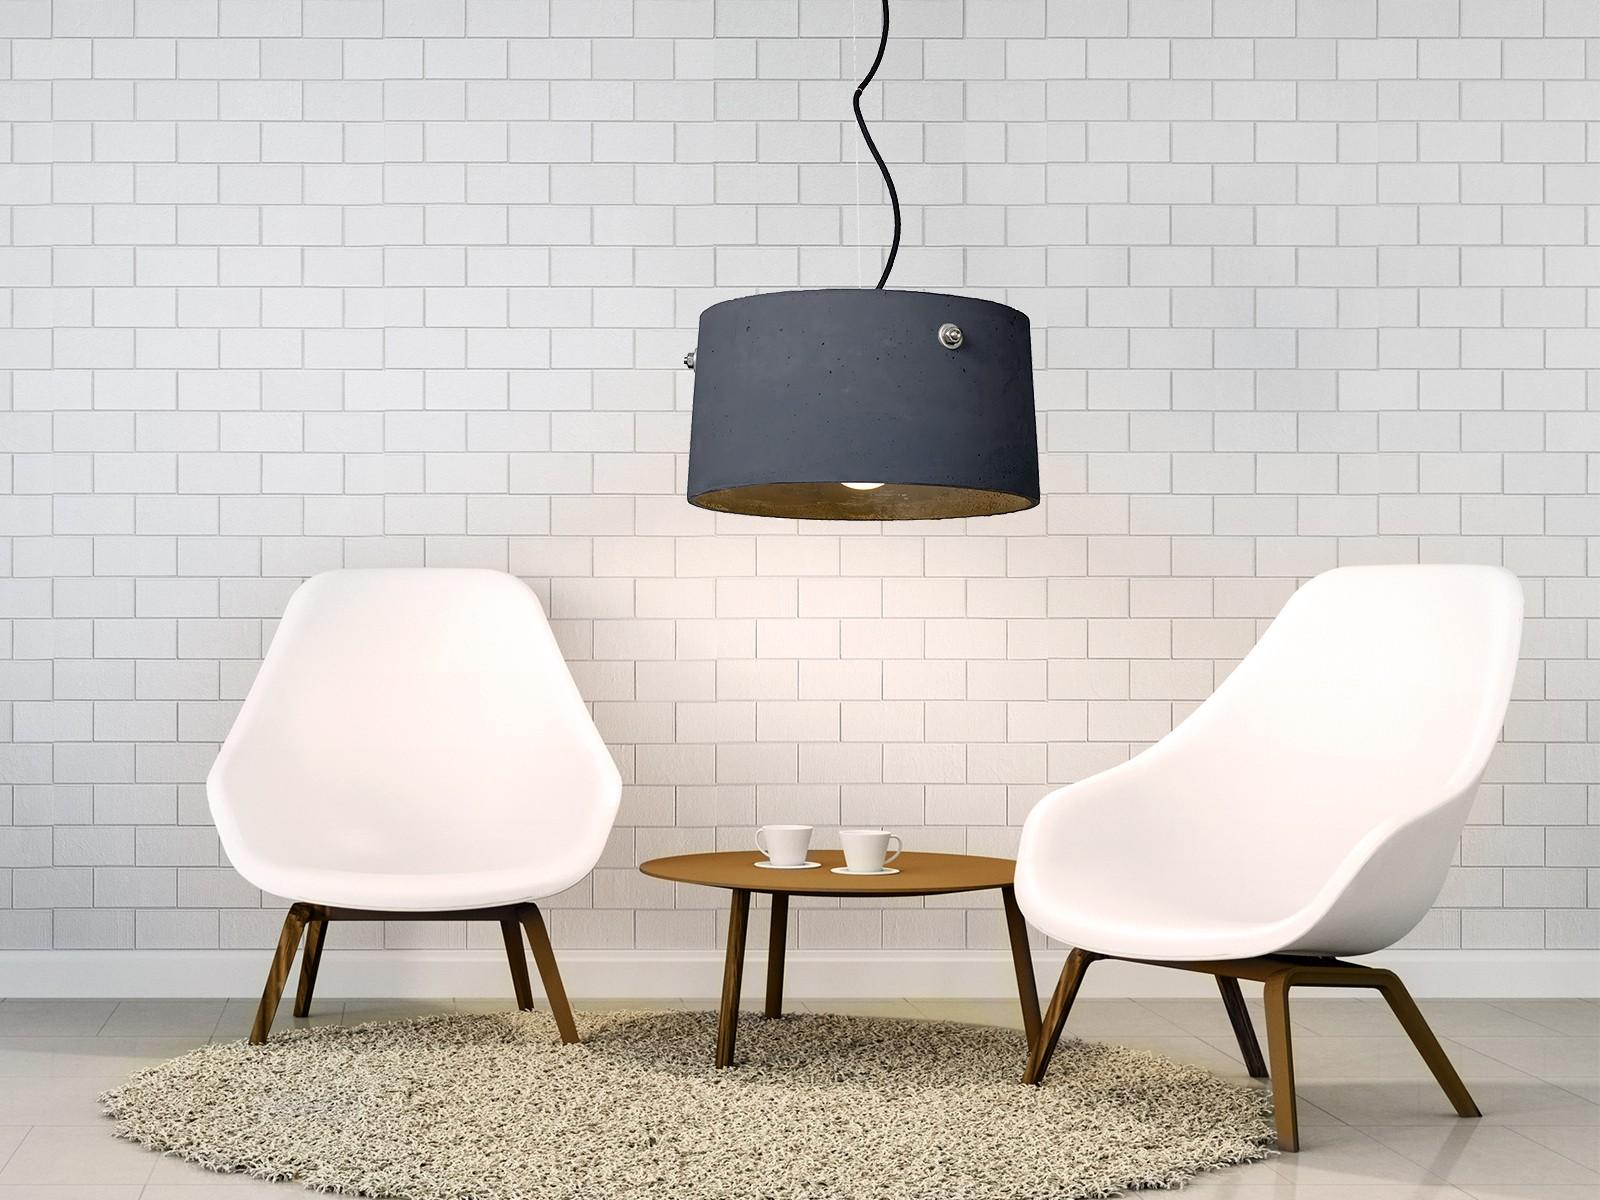 talma pendelleuchte beton anthrazit kabel schwarz 2 20m. Black Bedroom Furniture Sets. Home Design Ideas